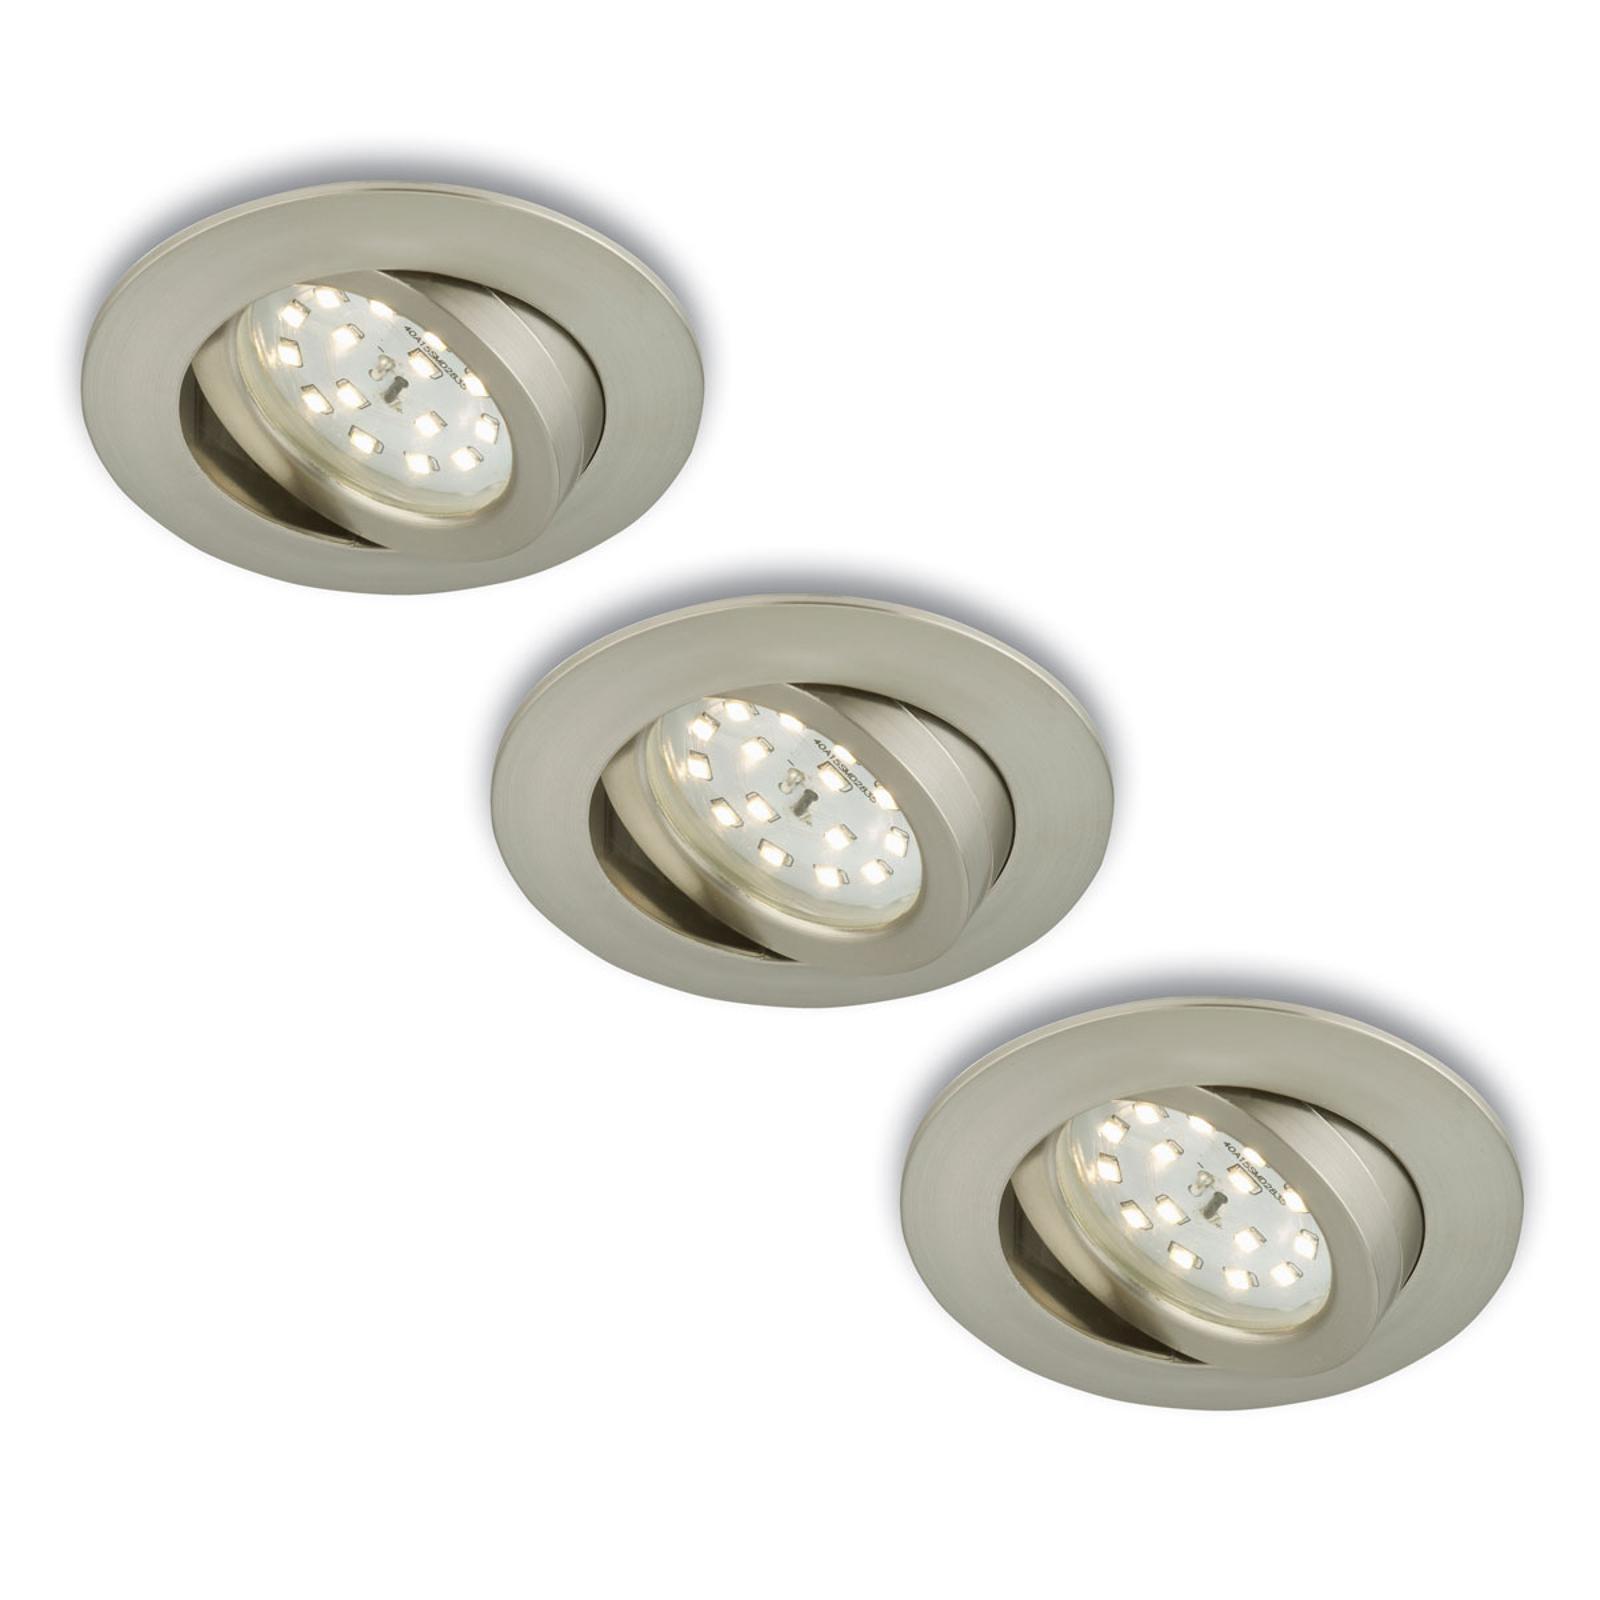 Obrotowy reflektor wpuszczany LED, 3 szt. nikiel